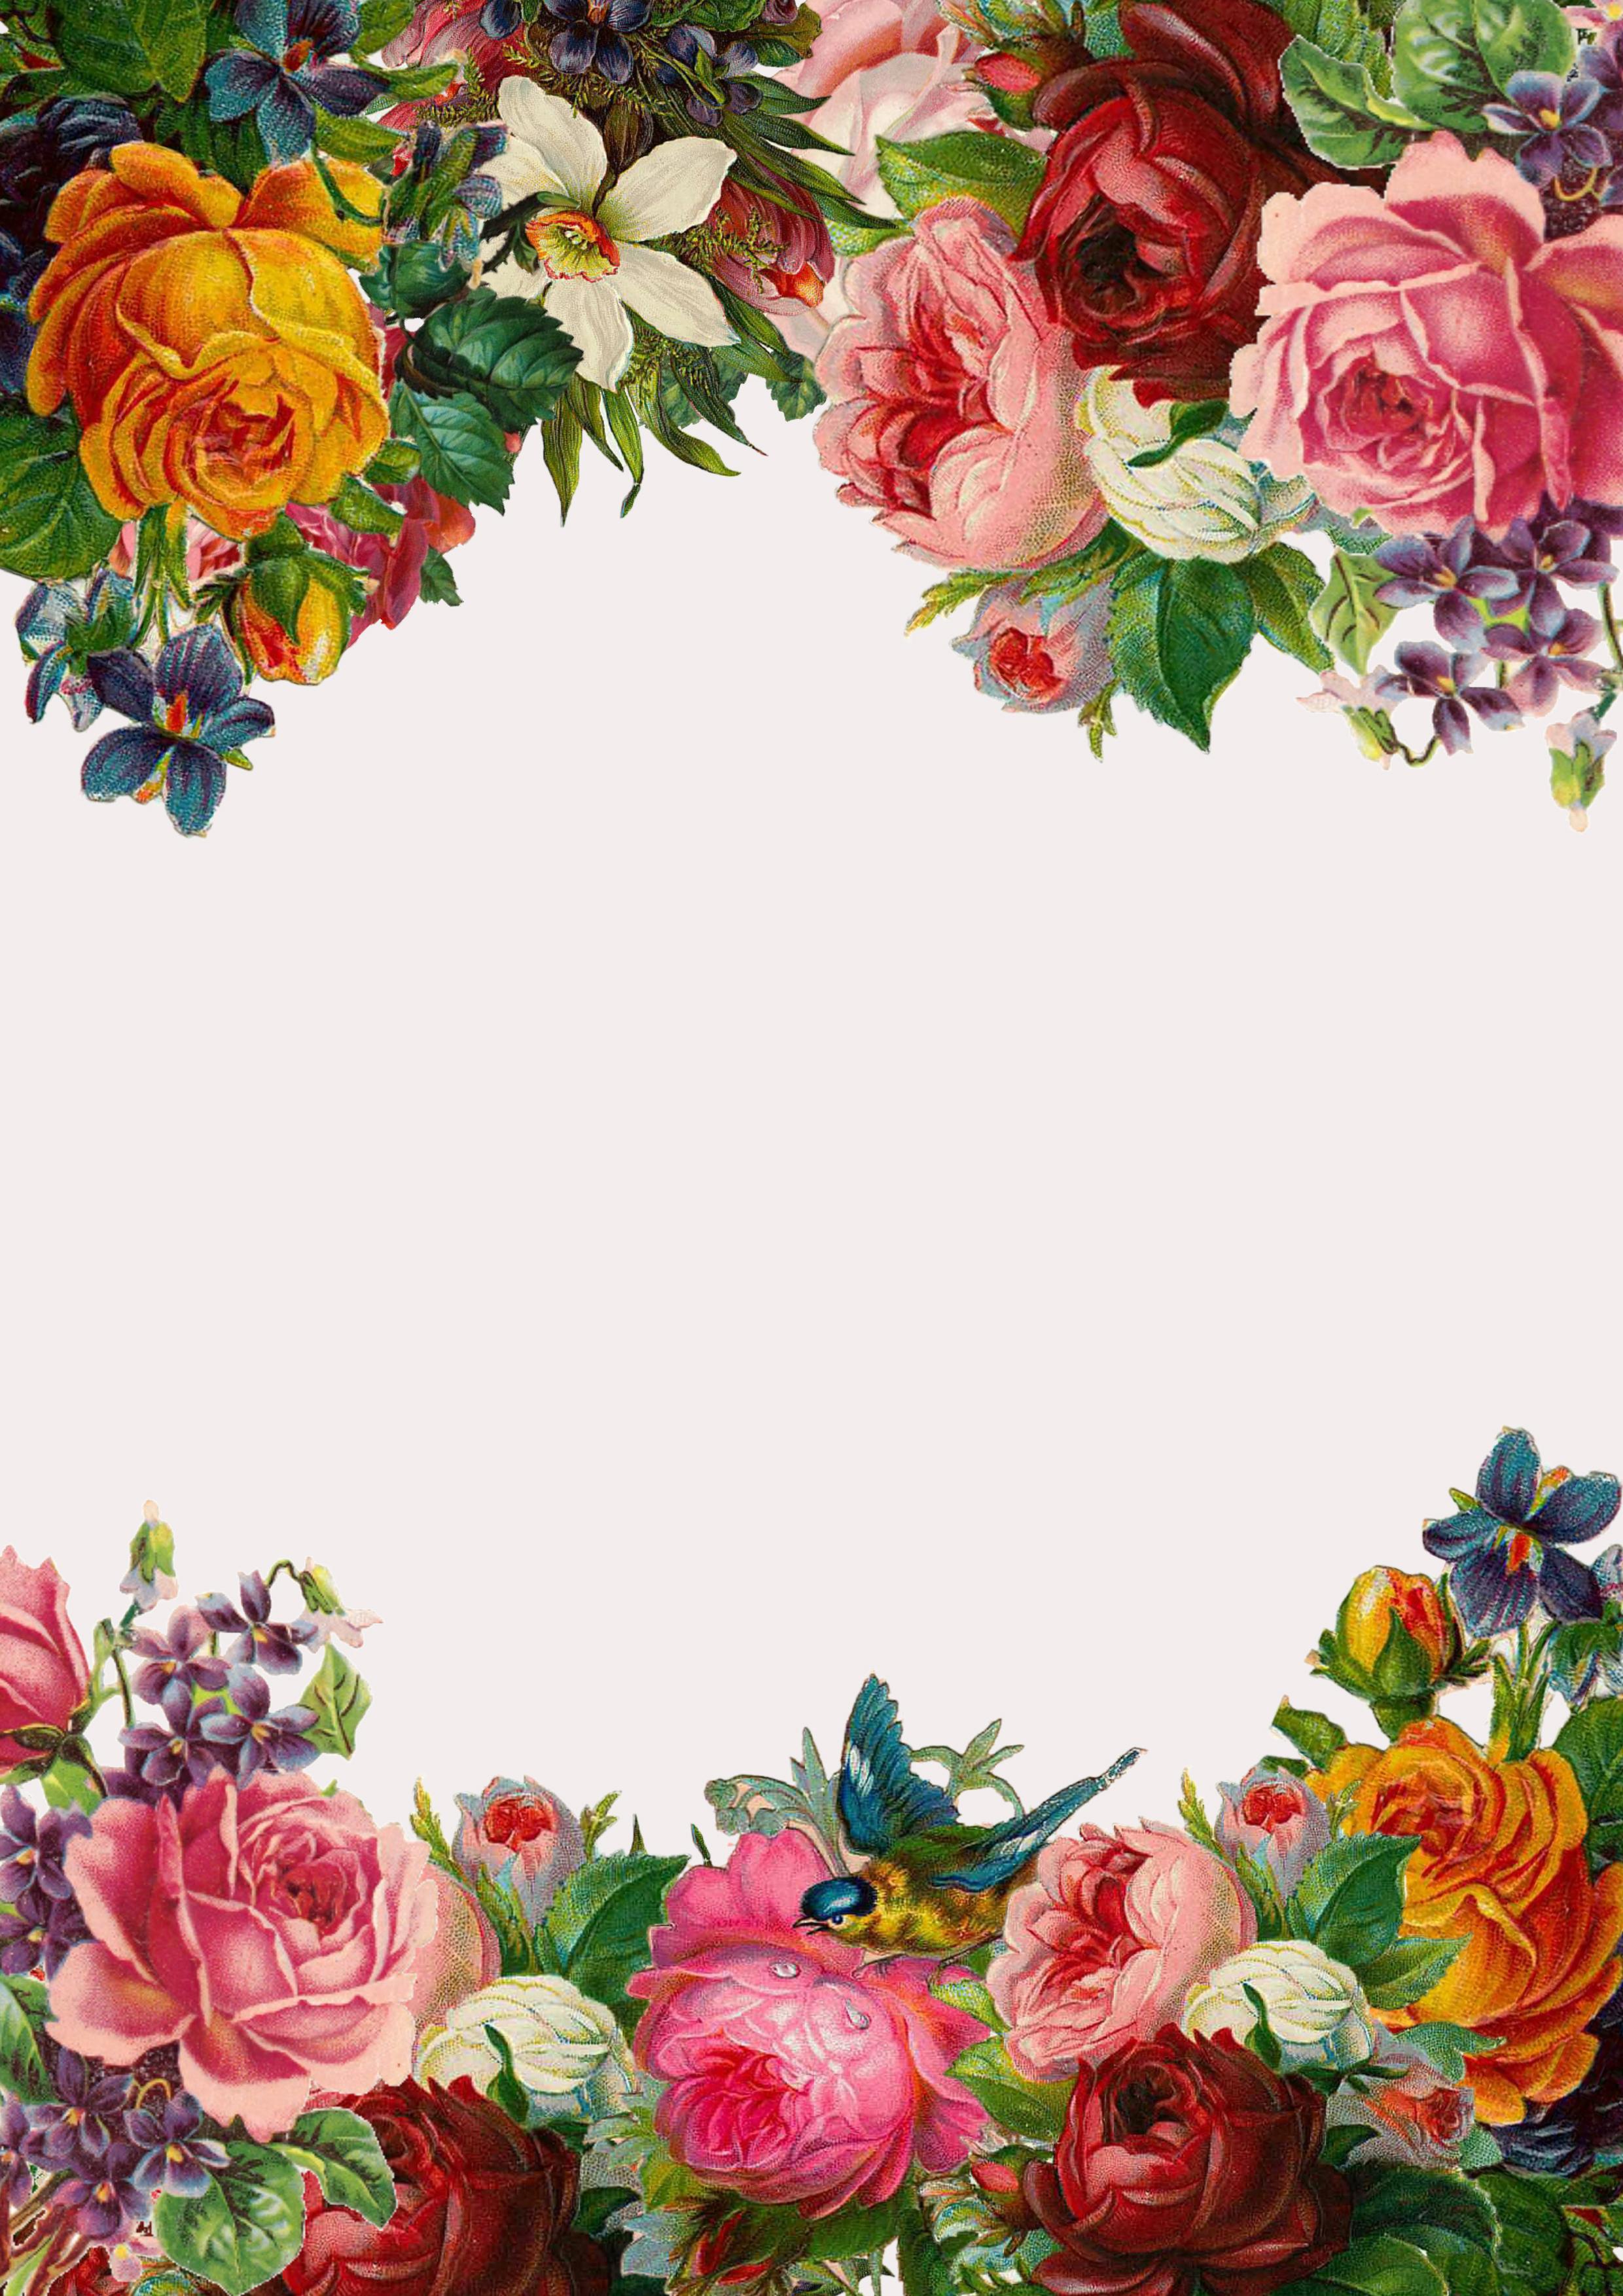 l art de fleurs sur mat u00e9riau de fond de la bordure inf u00e9rieure  fleur  rose  trame image de fond